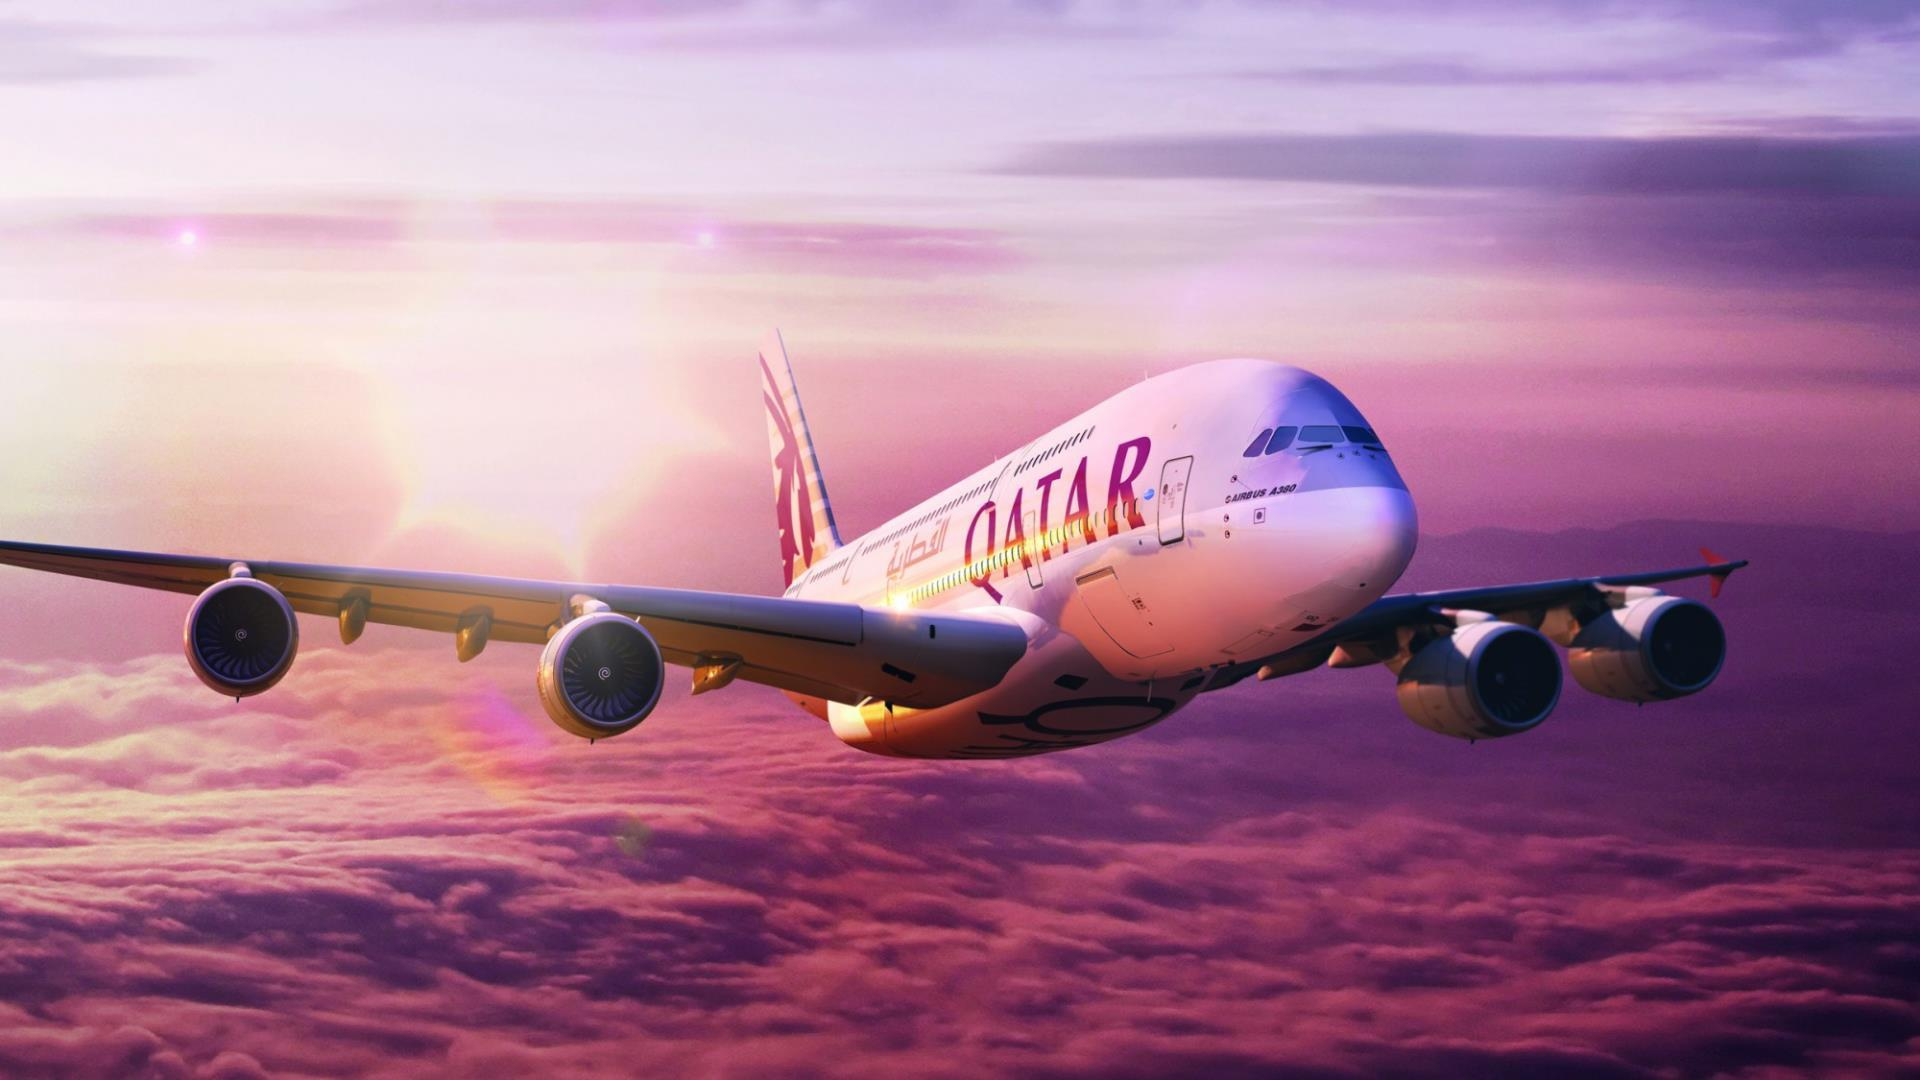 Los mejores programas de fidelidad de aerolíneas, hoteles y autos